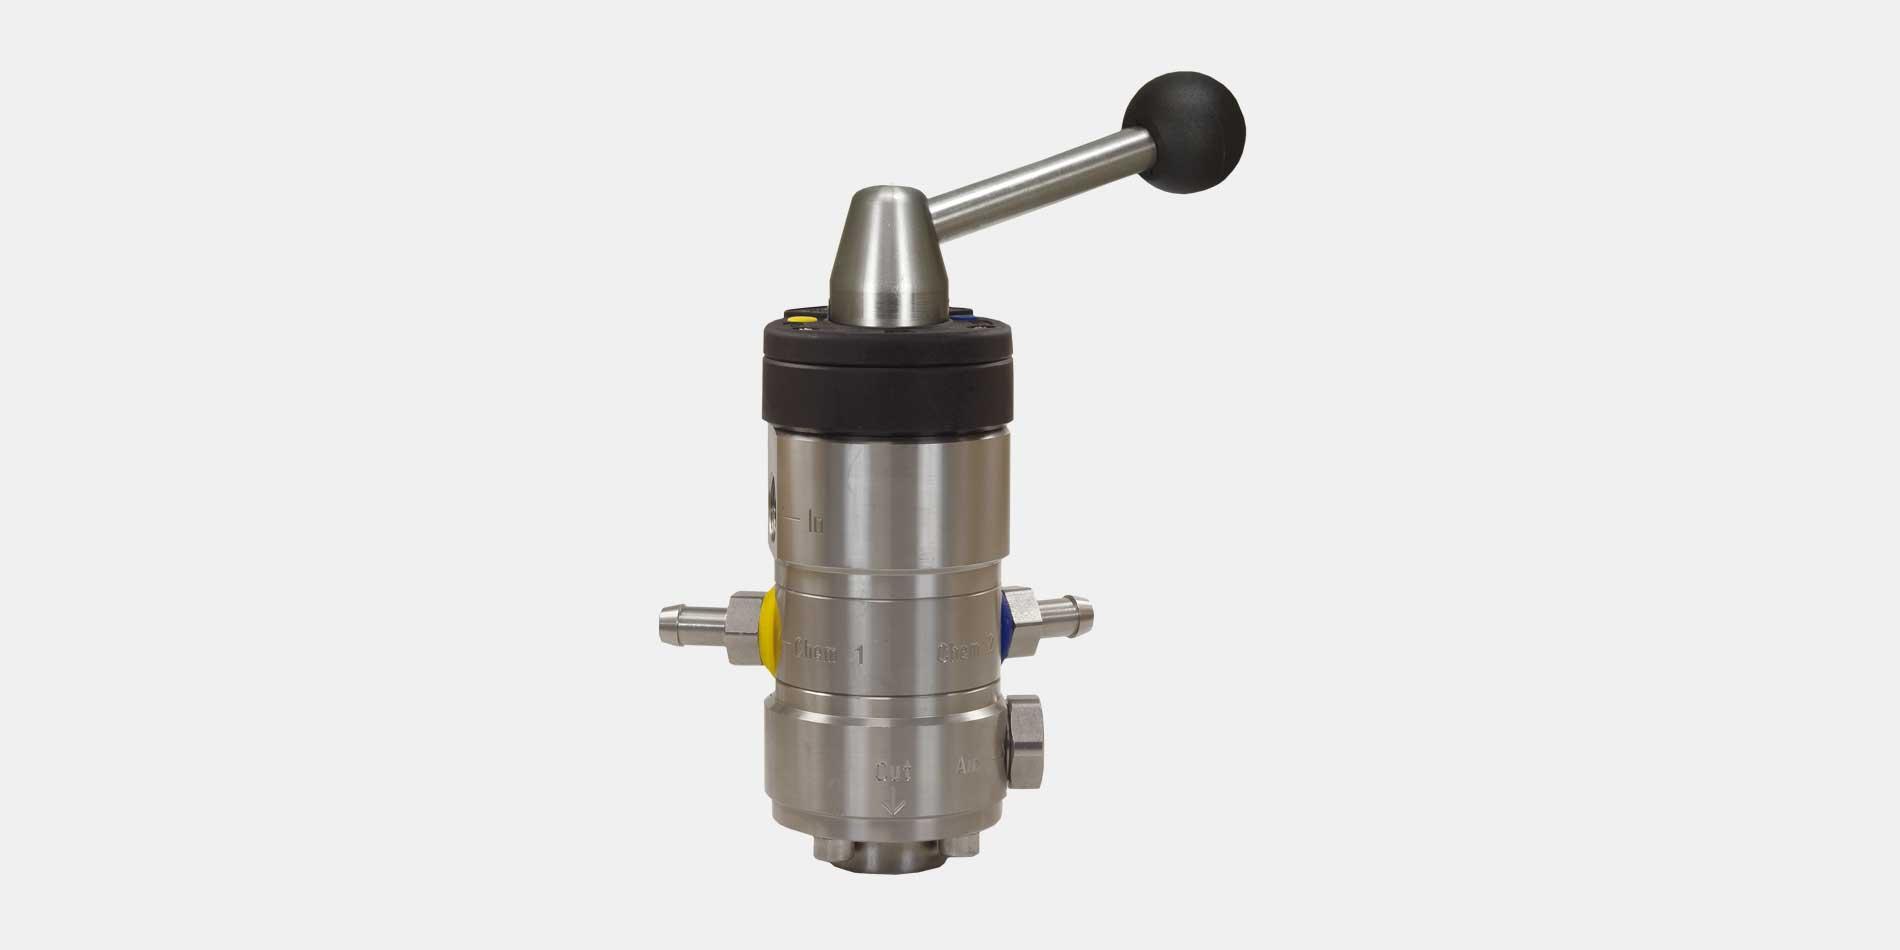 Der Injektor ST-164 von R+M / Suttner